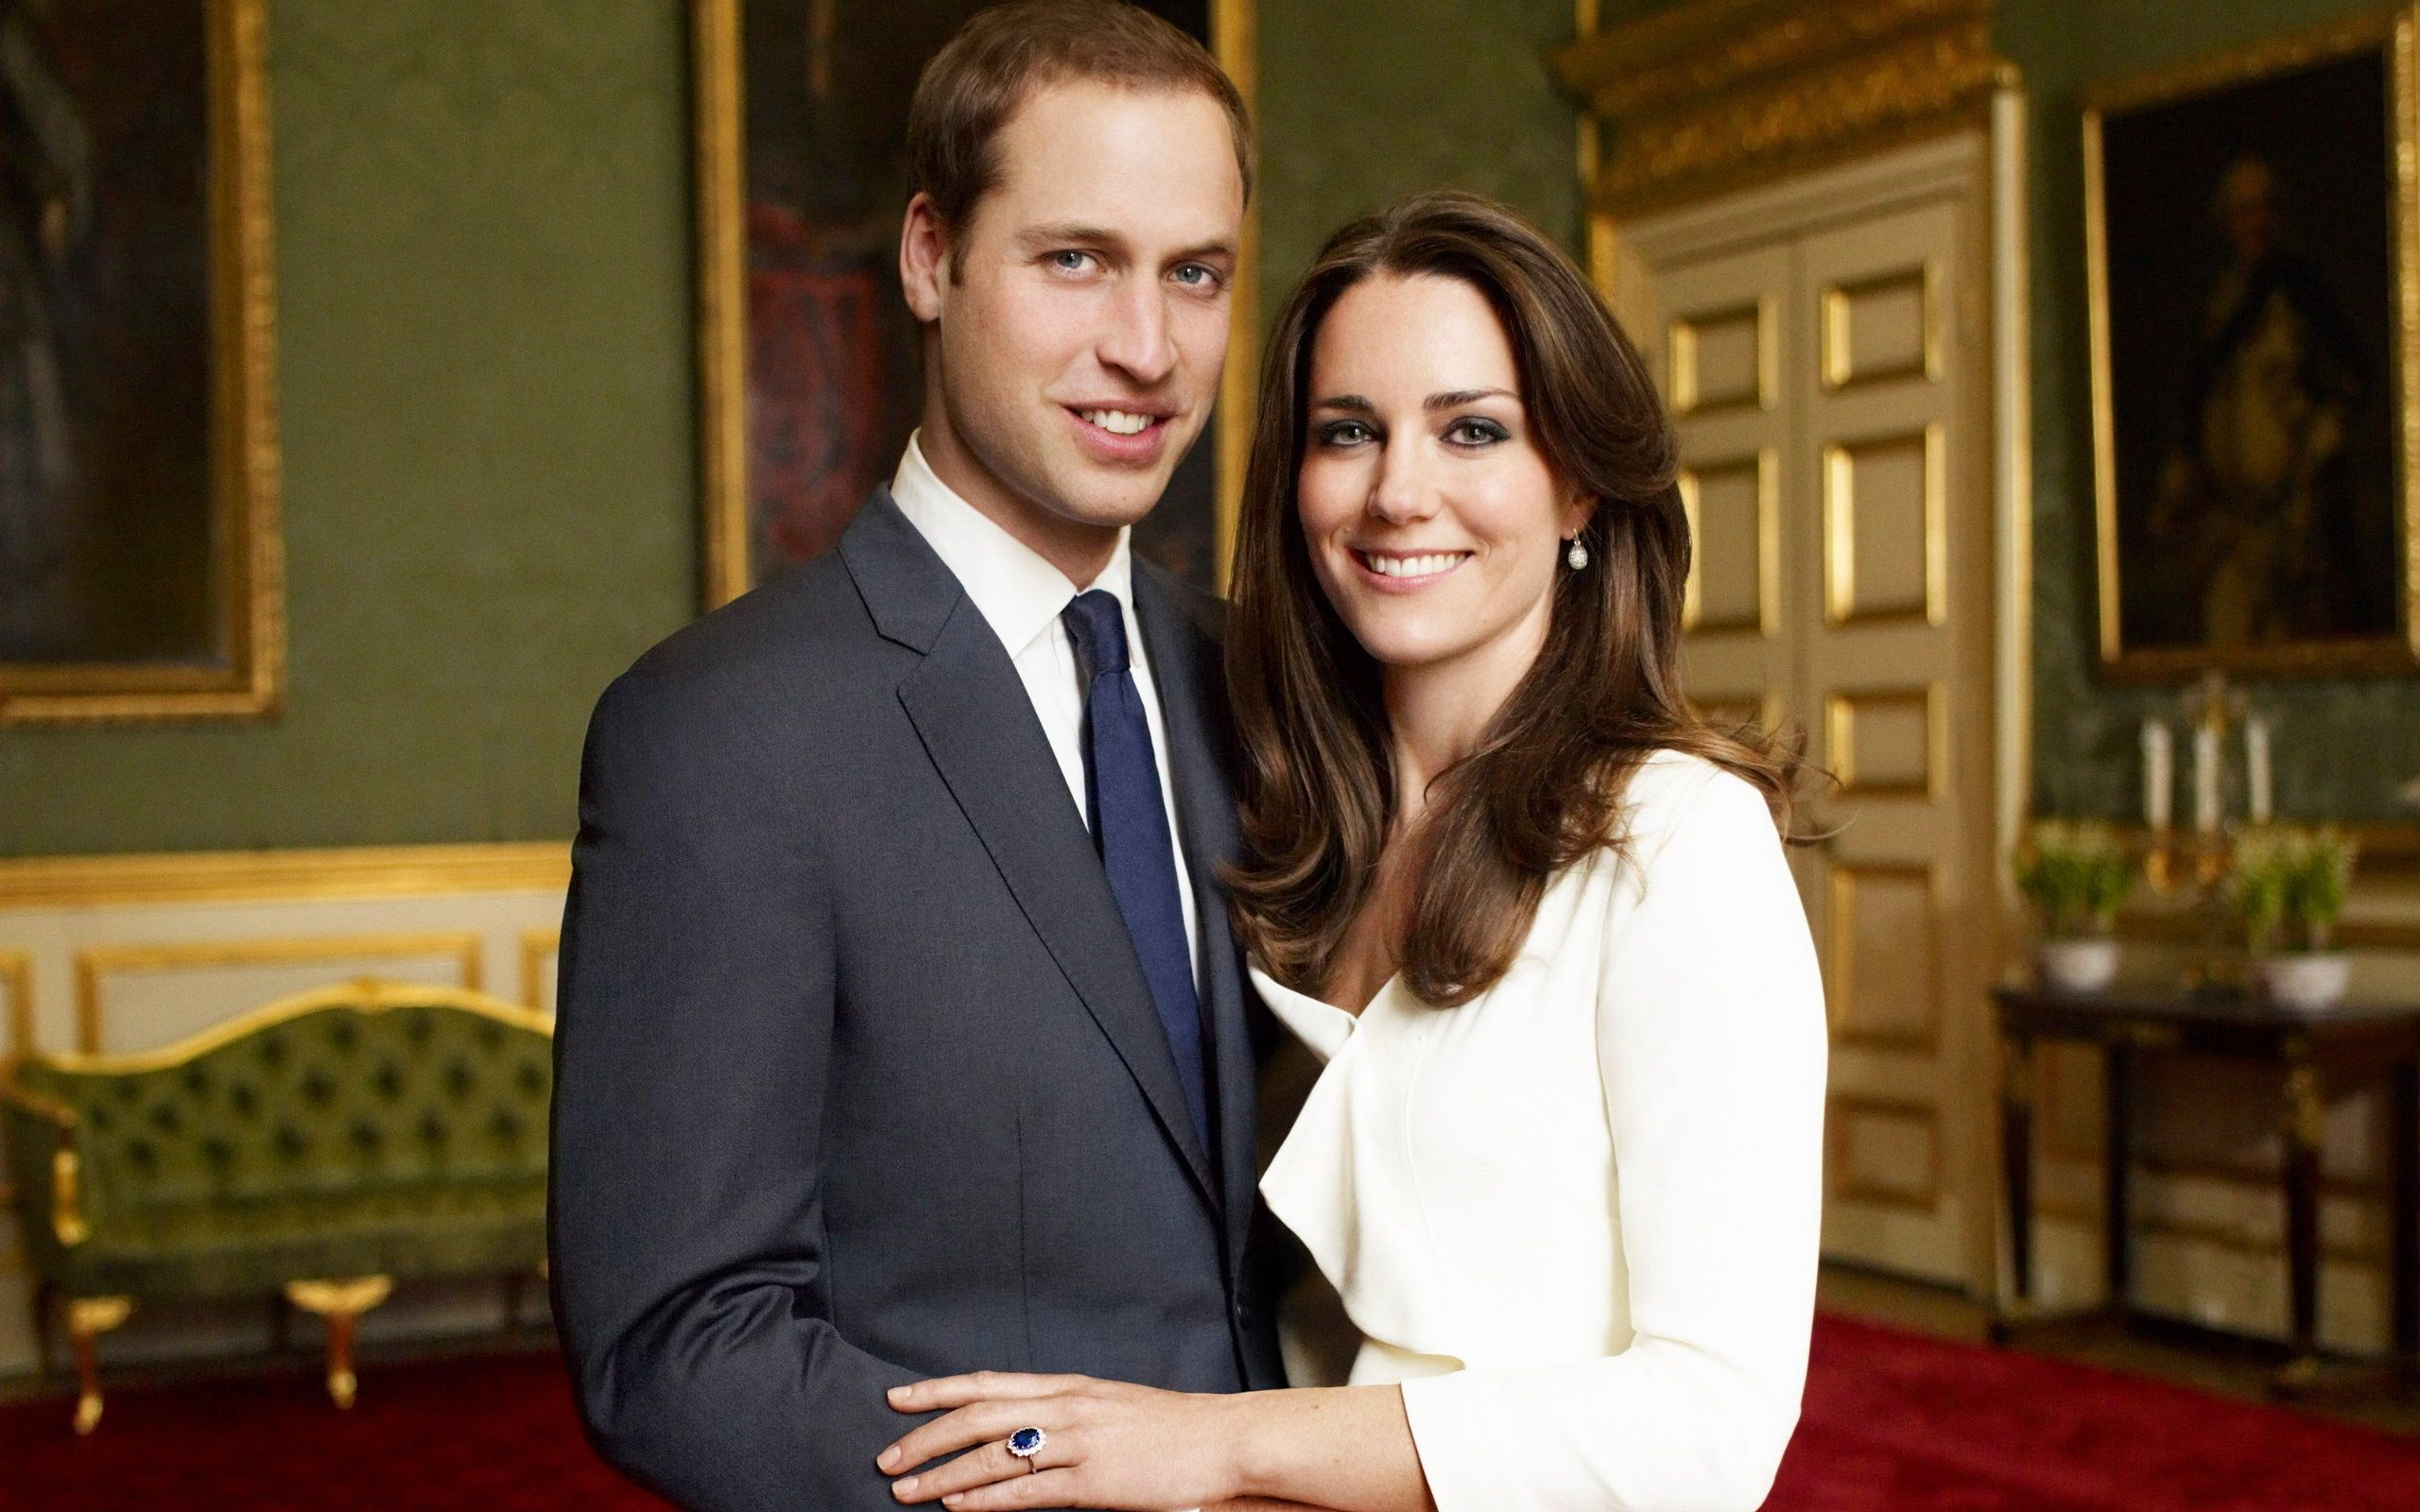 Кейт Миддлтон была убита горем накануне официального объявления о помолвке: что опечалило будущую герцогиню и о чём она до сих пор жалеет